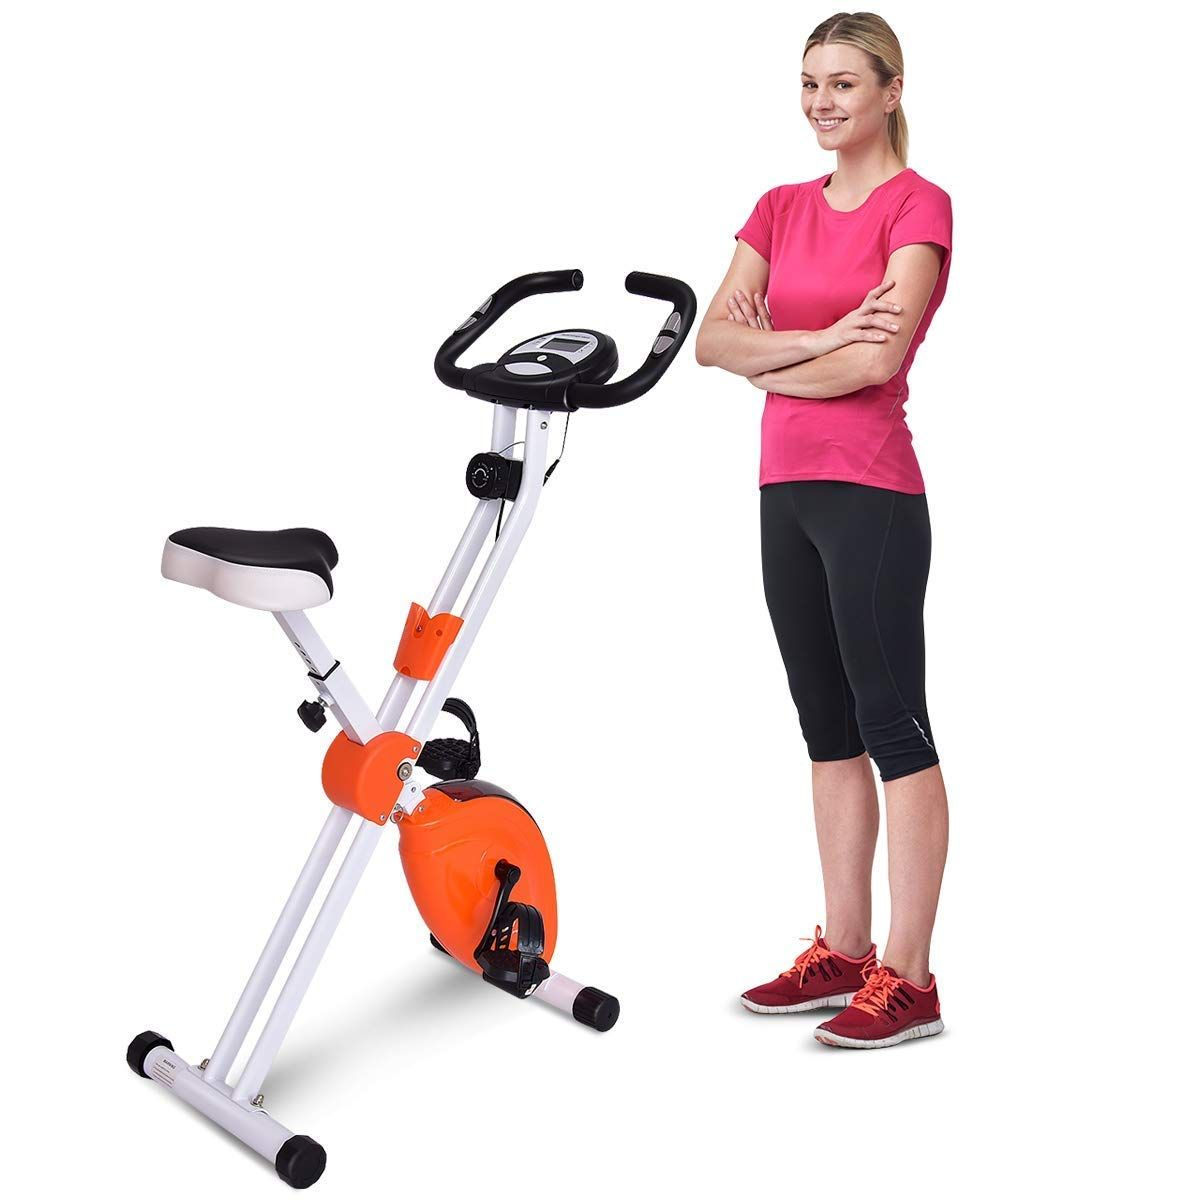 Goplus Upright Exercise Bike Stationary Bicycle 8 Resistance